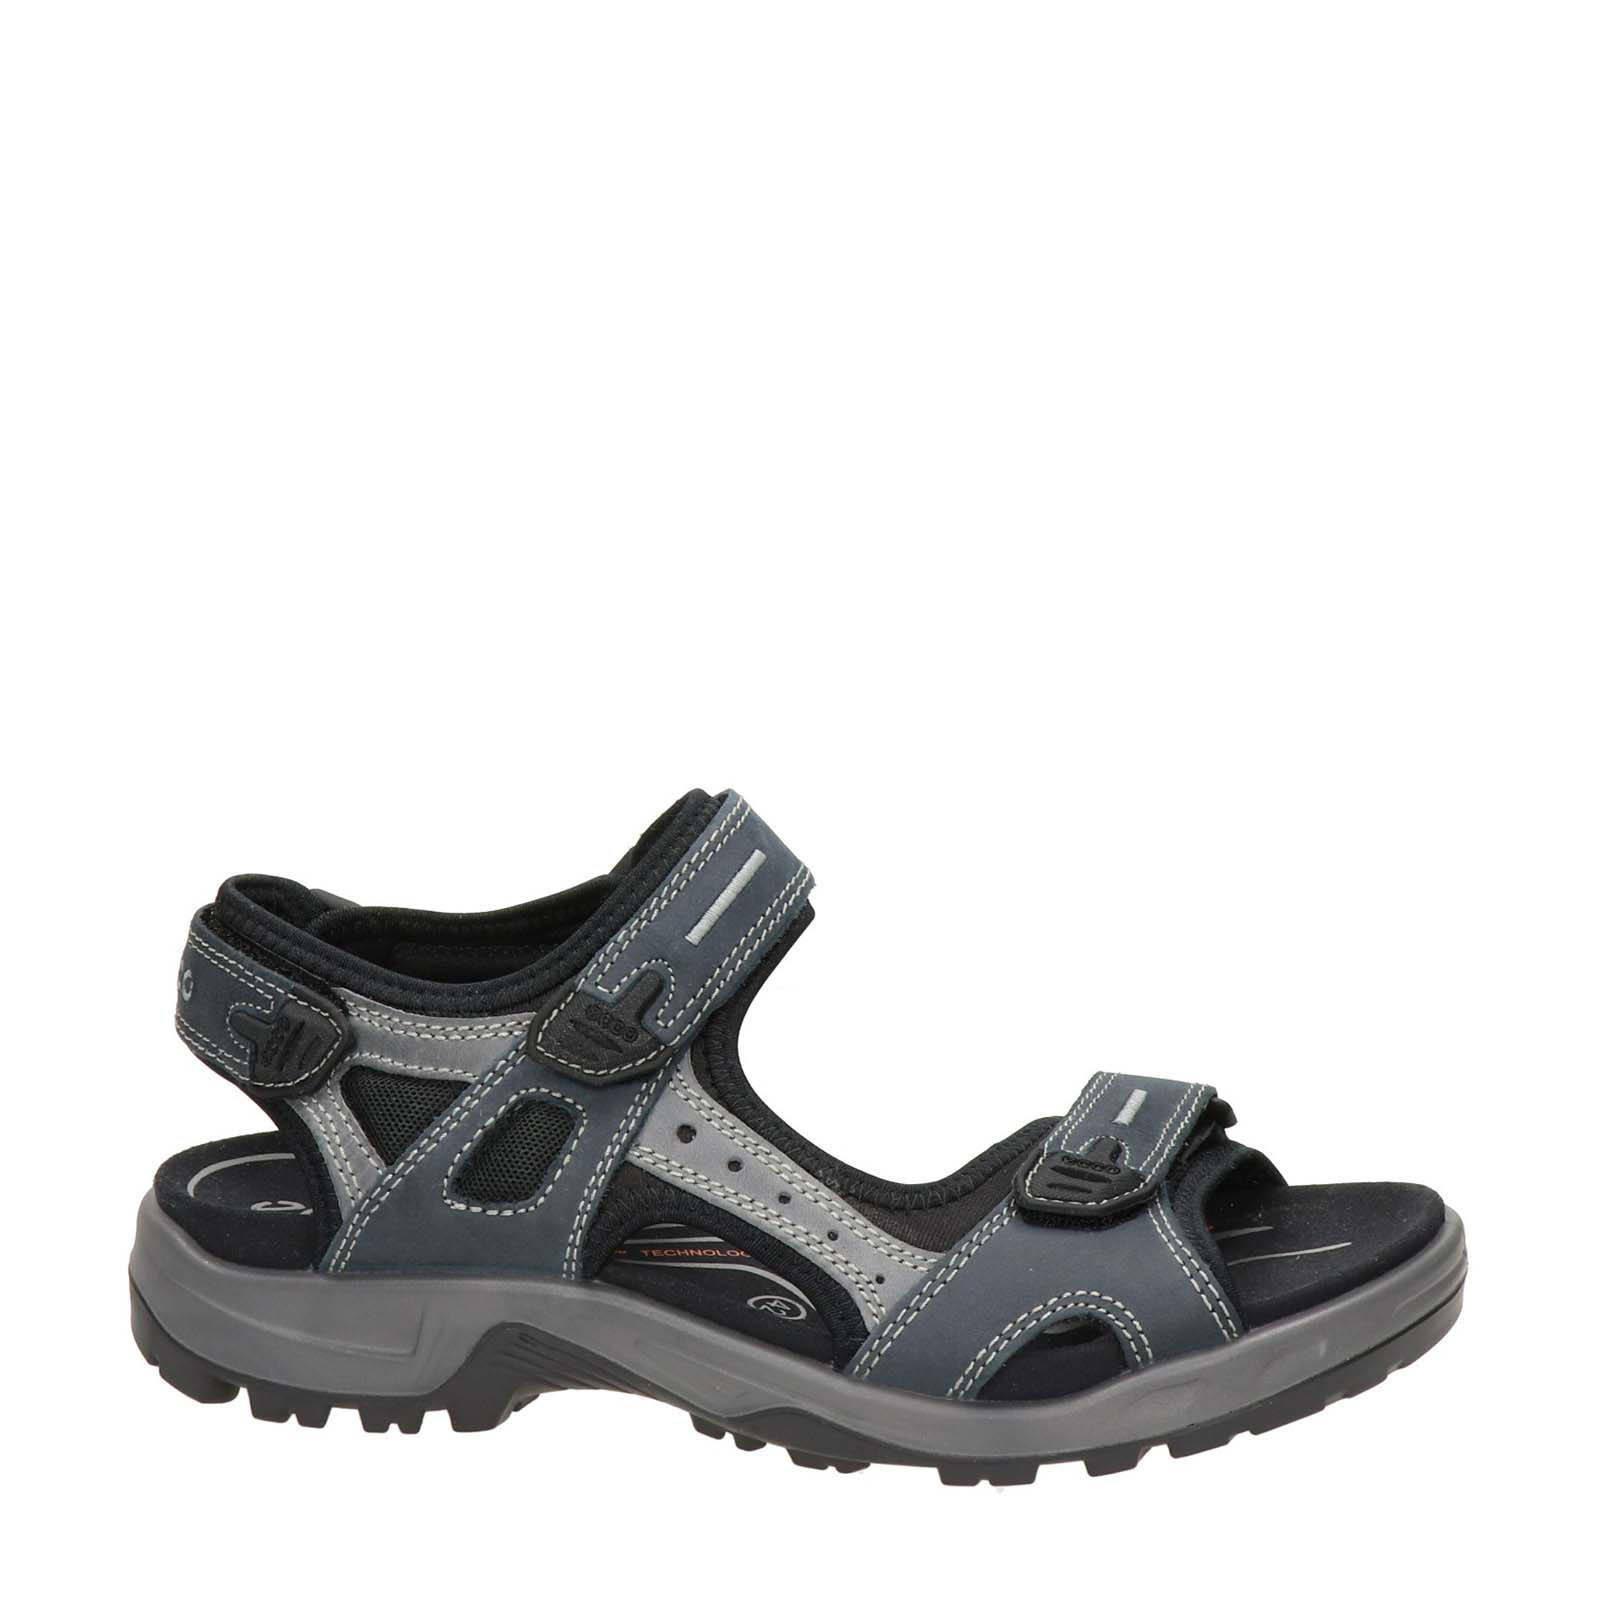 Ecco Offroad sandalen grijs Schoenen kopen | BESLIST.nl